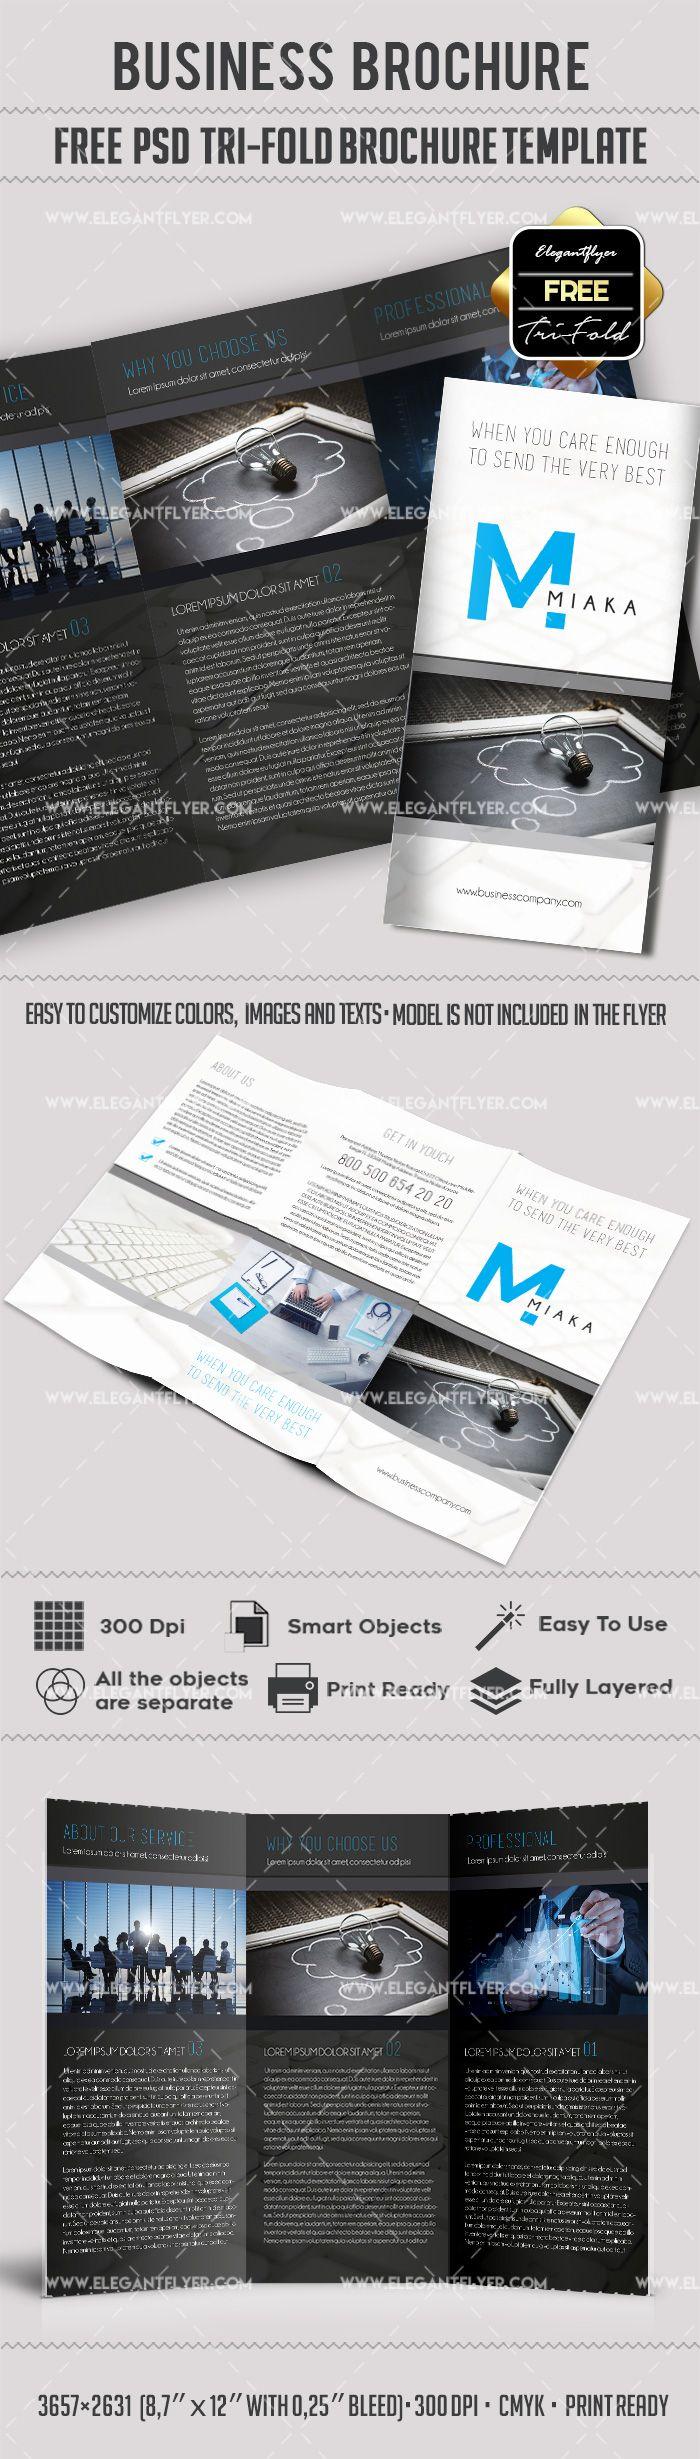 https://www.elegantflyer.com/free-psd-brochure-templates/tri-fold-brochure-templates-free-download/